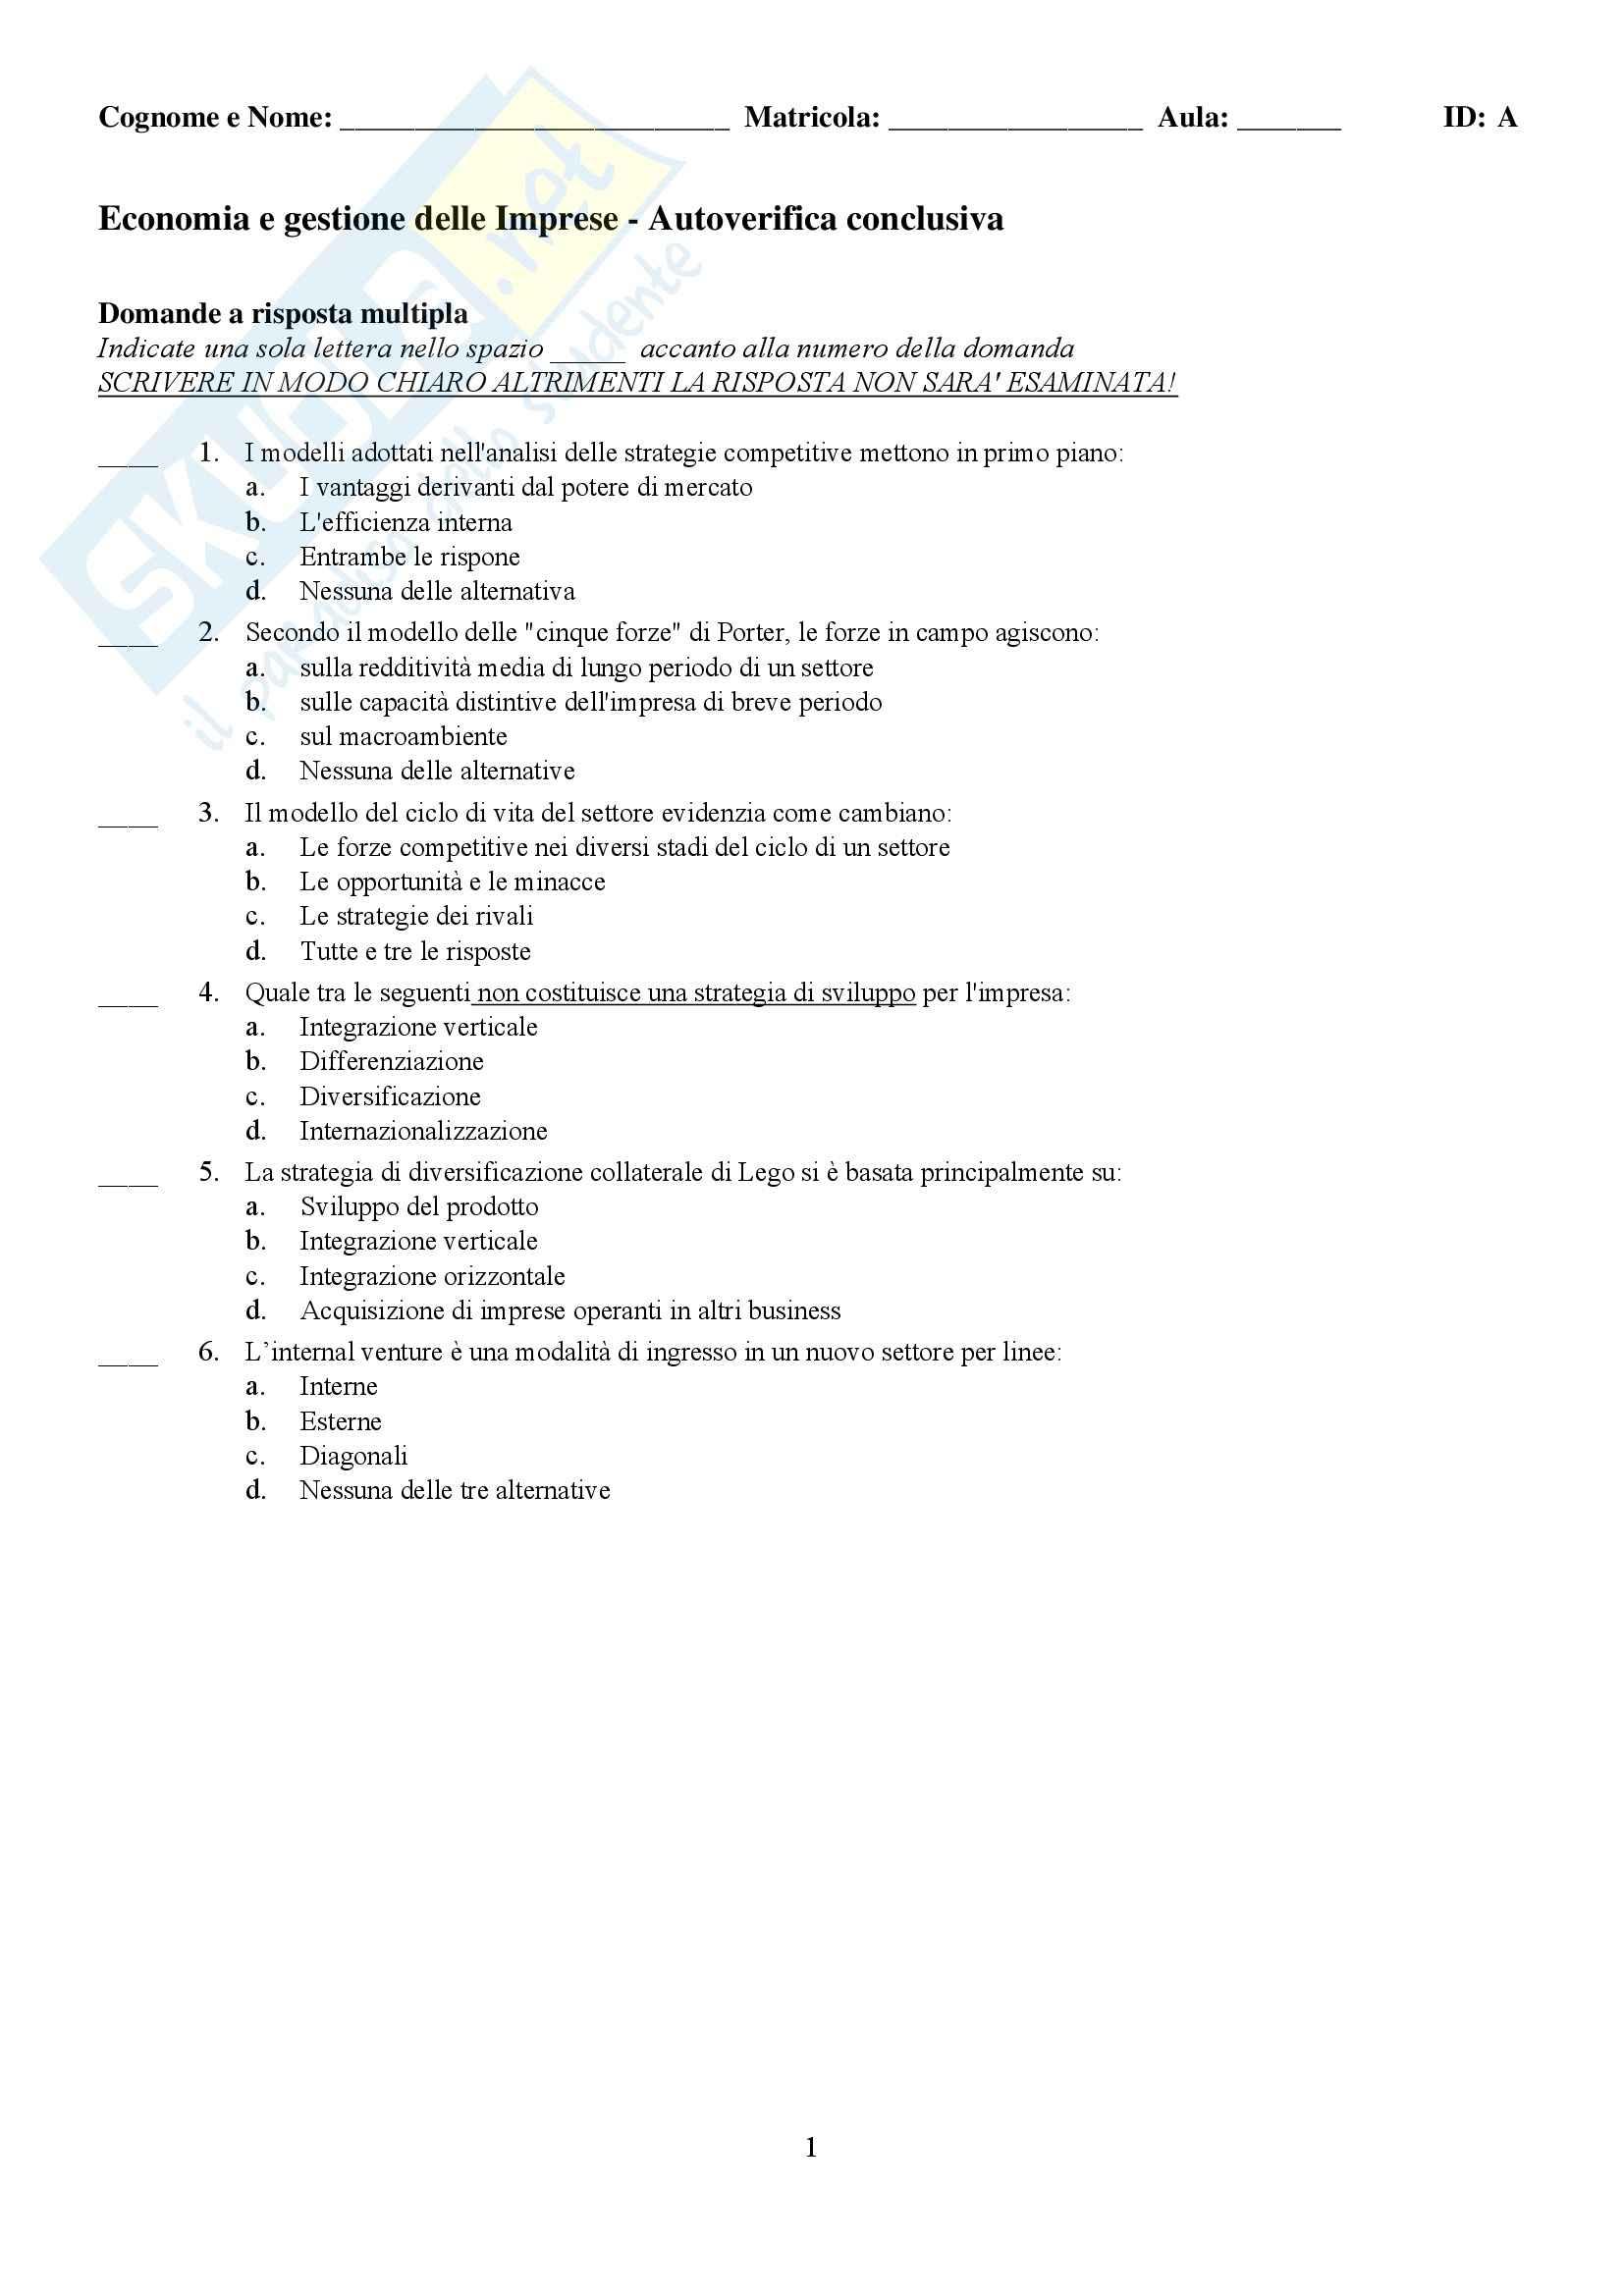 Economia e gestione delle imprese - test autovalutazione